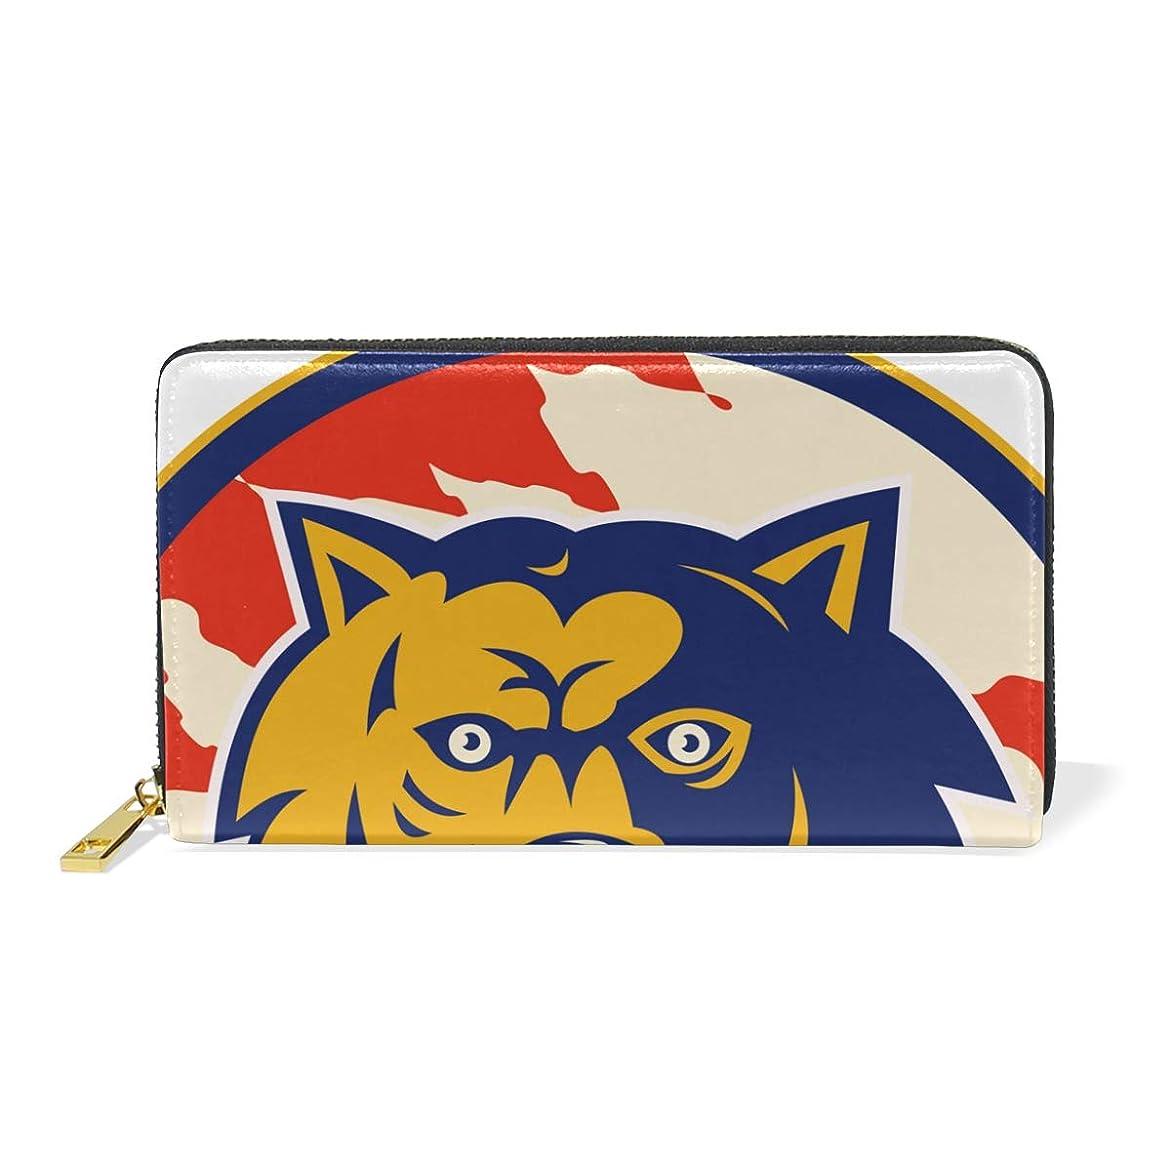 咽頭に関してレディAyuStyle 長財布 財布 おおかみ オオカミ 狼 ウルフ カッコイイ 大容量 高品質 多機能 ラウンドファスナー ウォレット レディース メンズ レザー 二つ折り財布